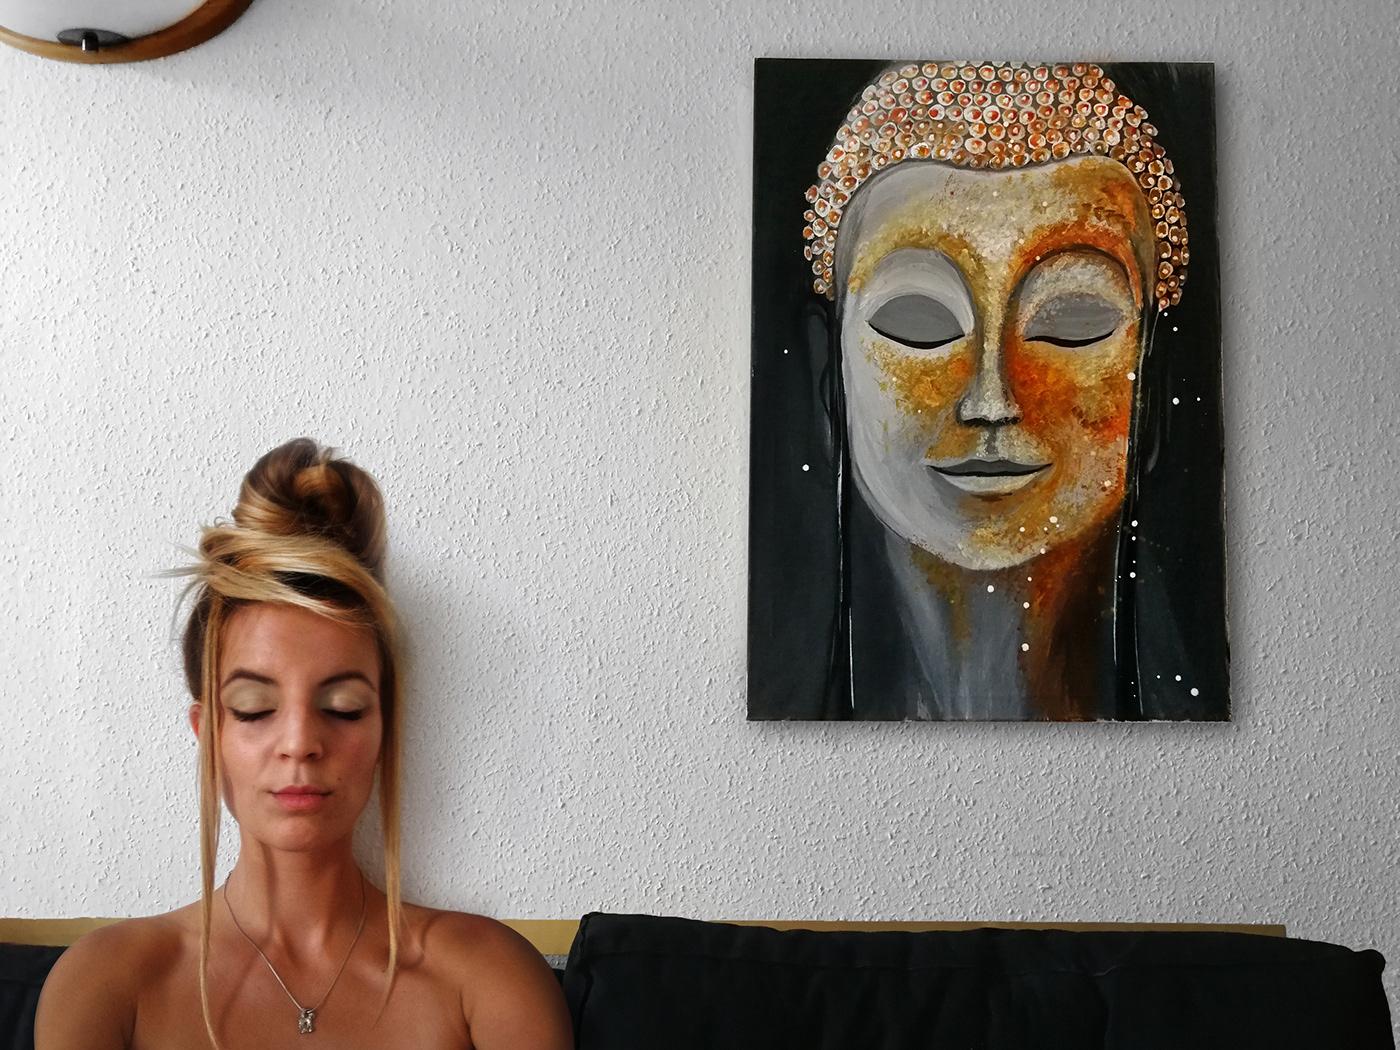 Image may contain: human face, wall and woman